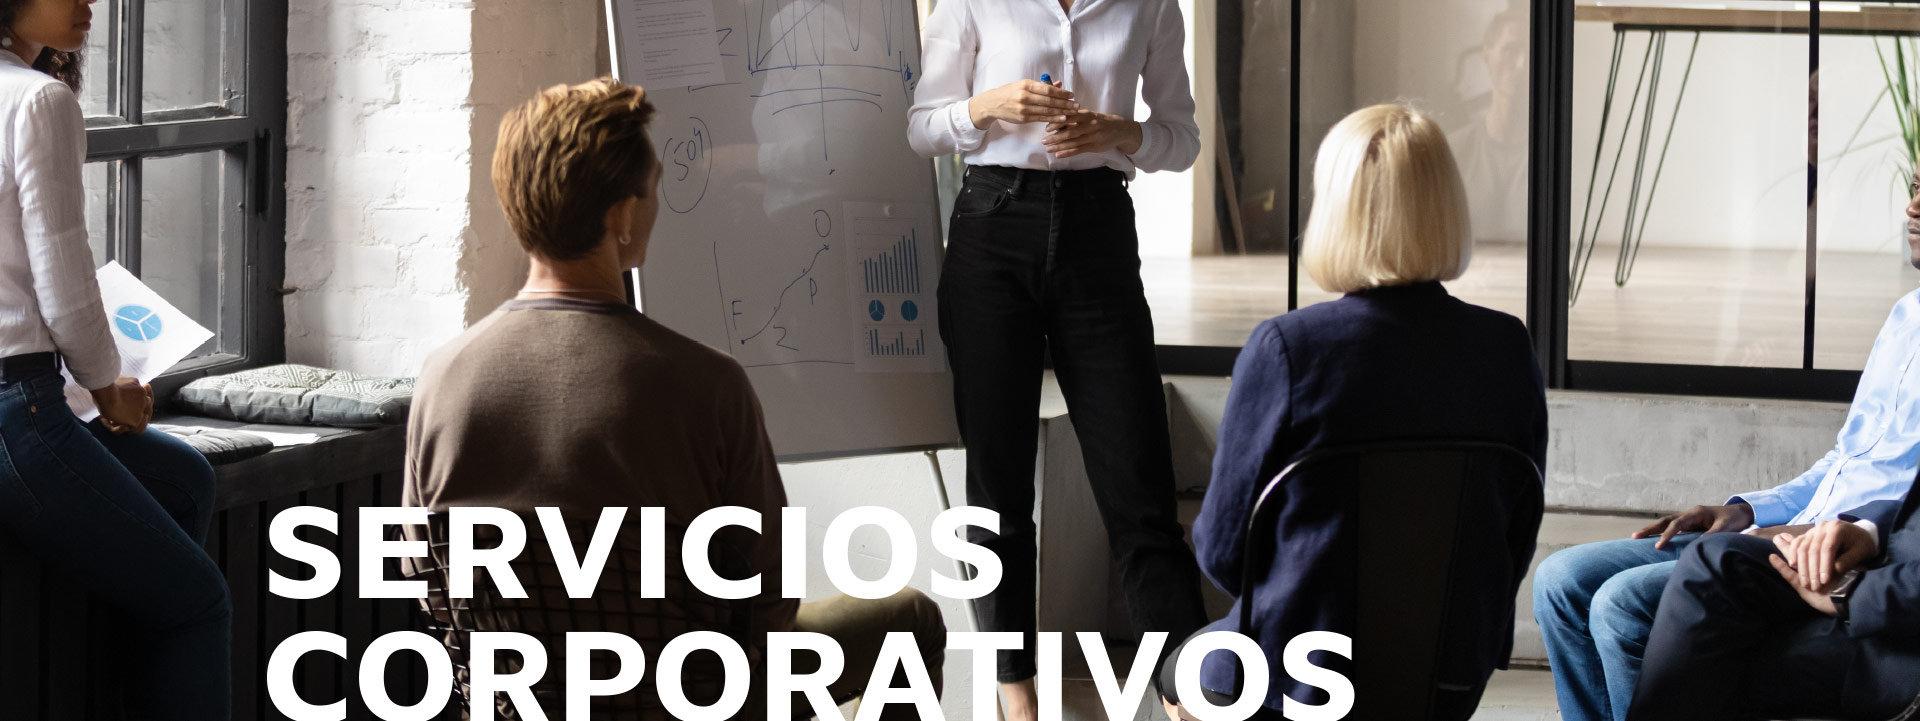 servicios-corporativos-hero-banner.jpg